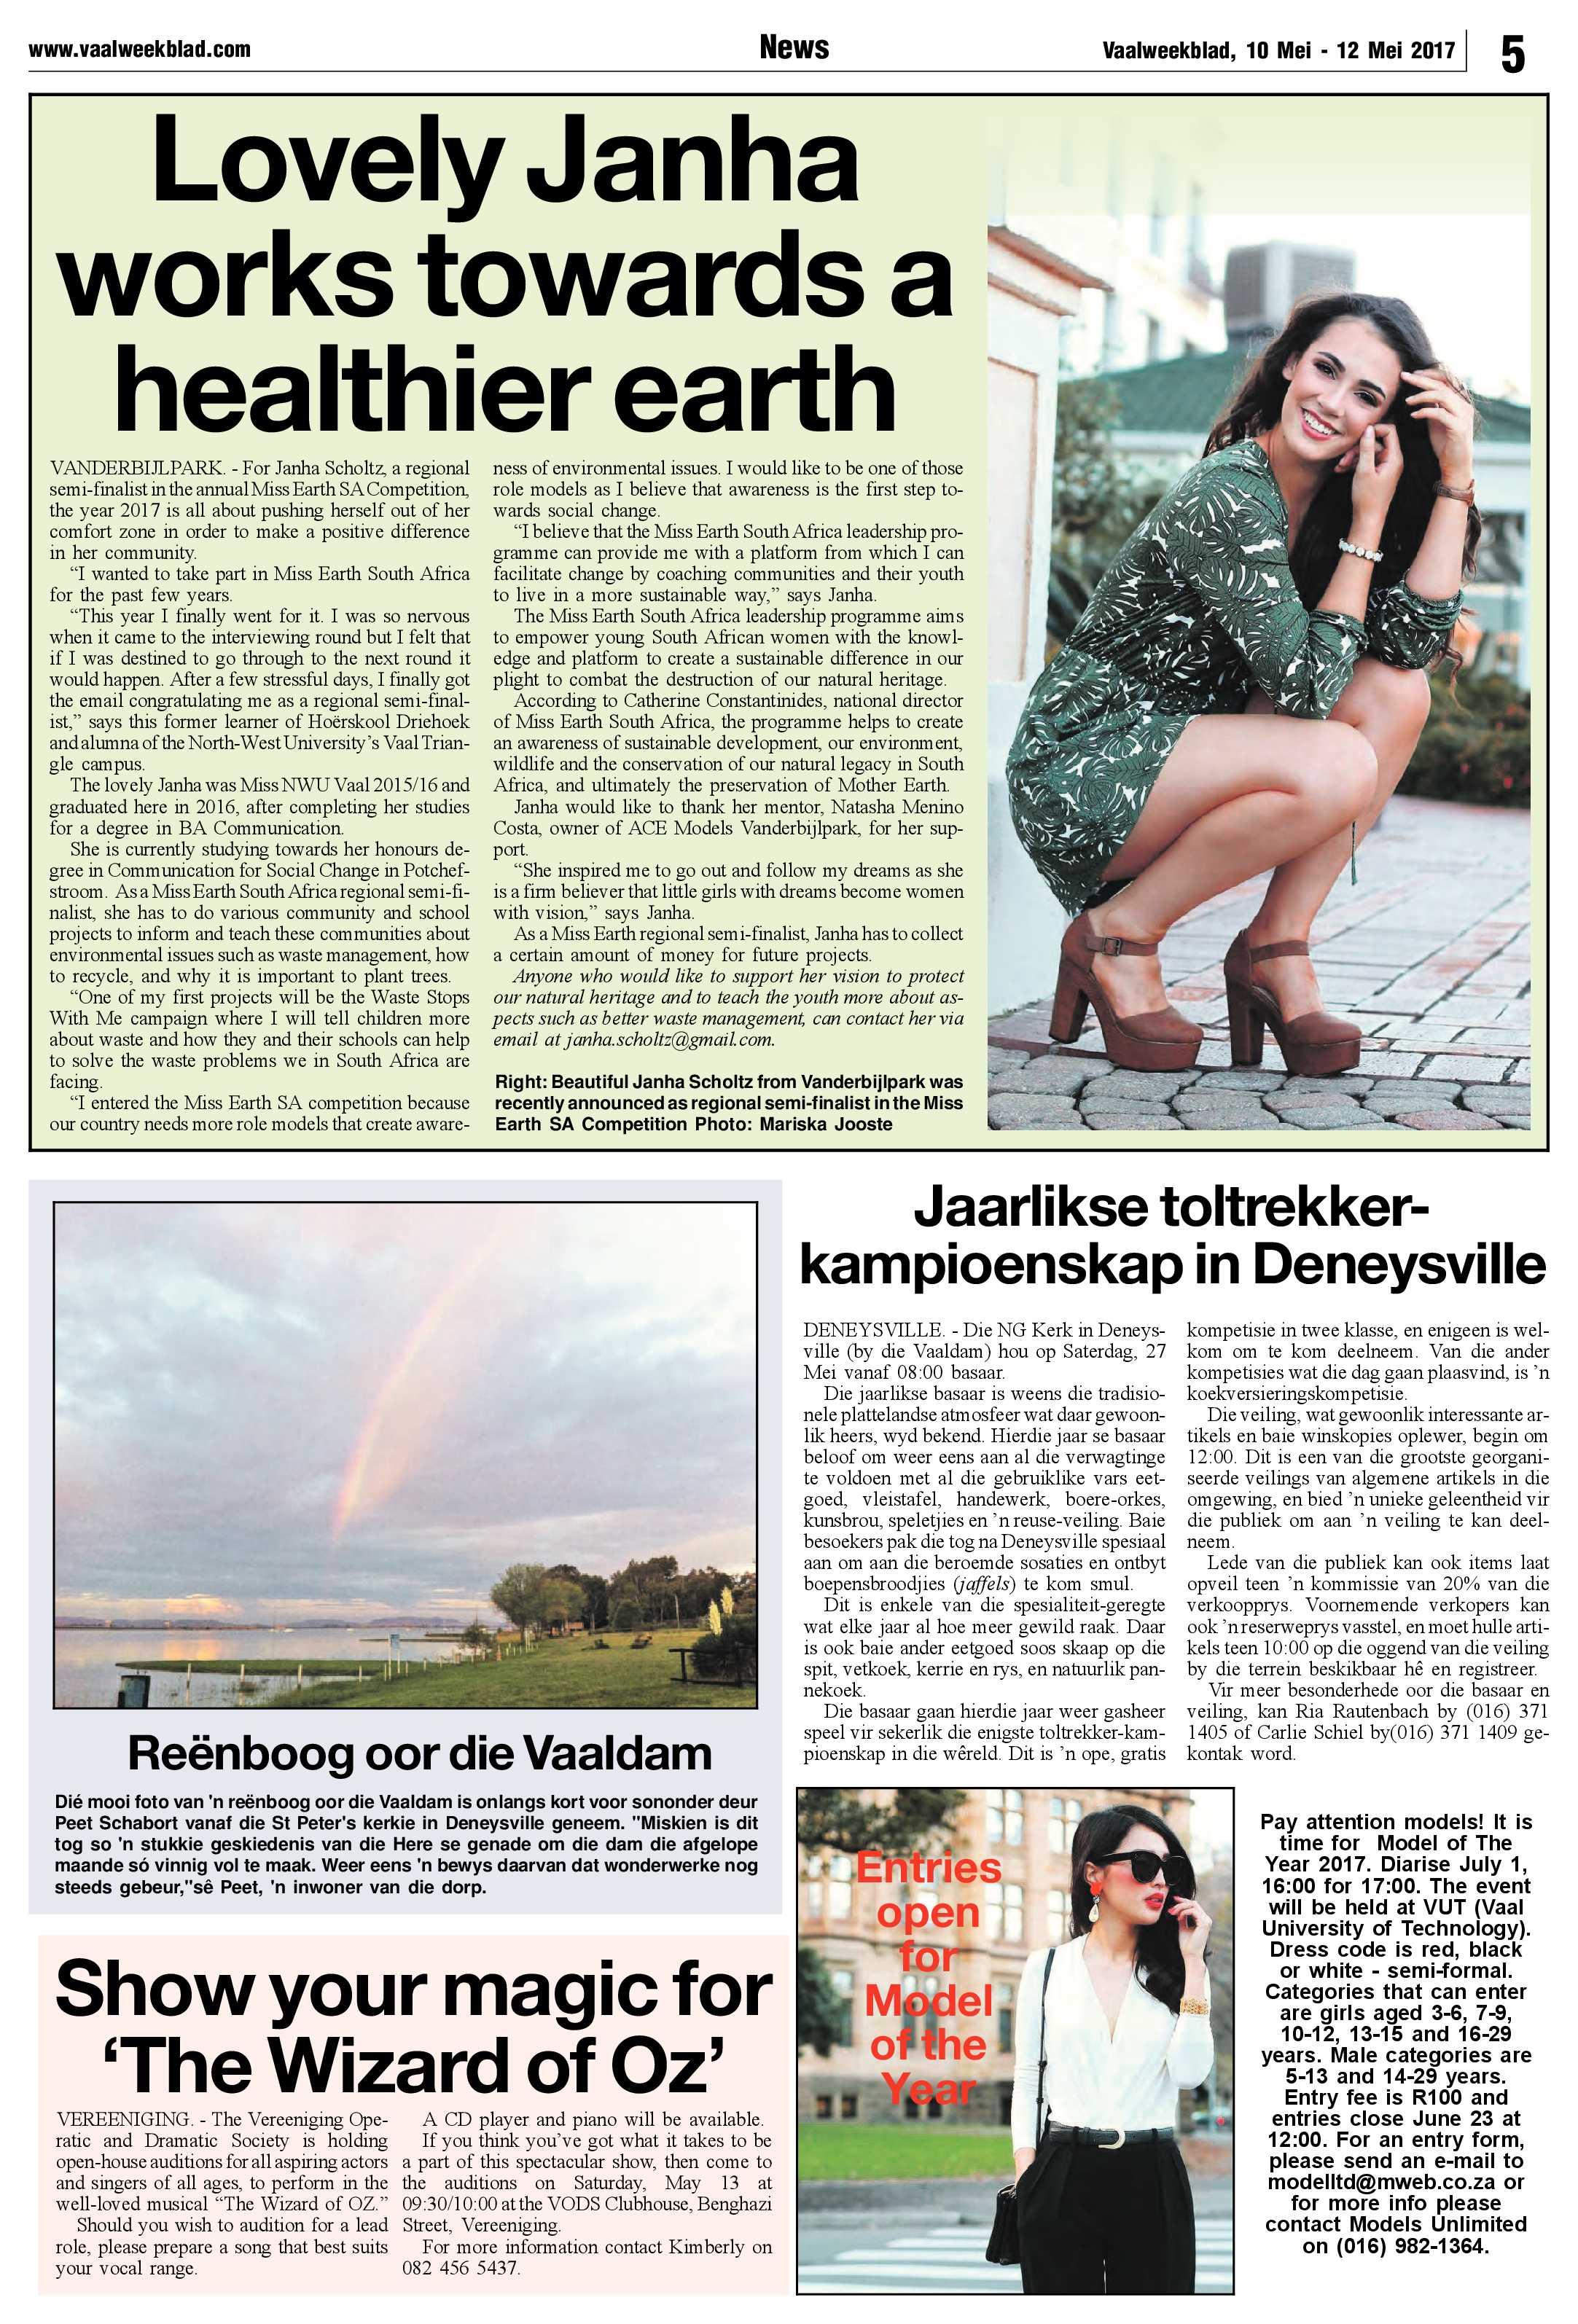 vaalweekblad-10-12-mei-2017-epapers-page-5